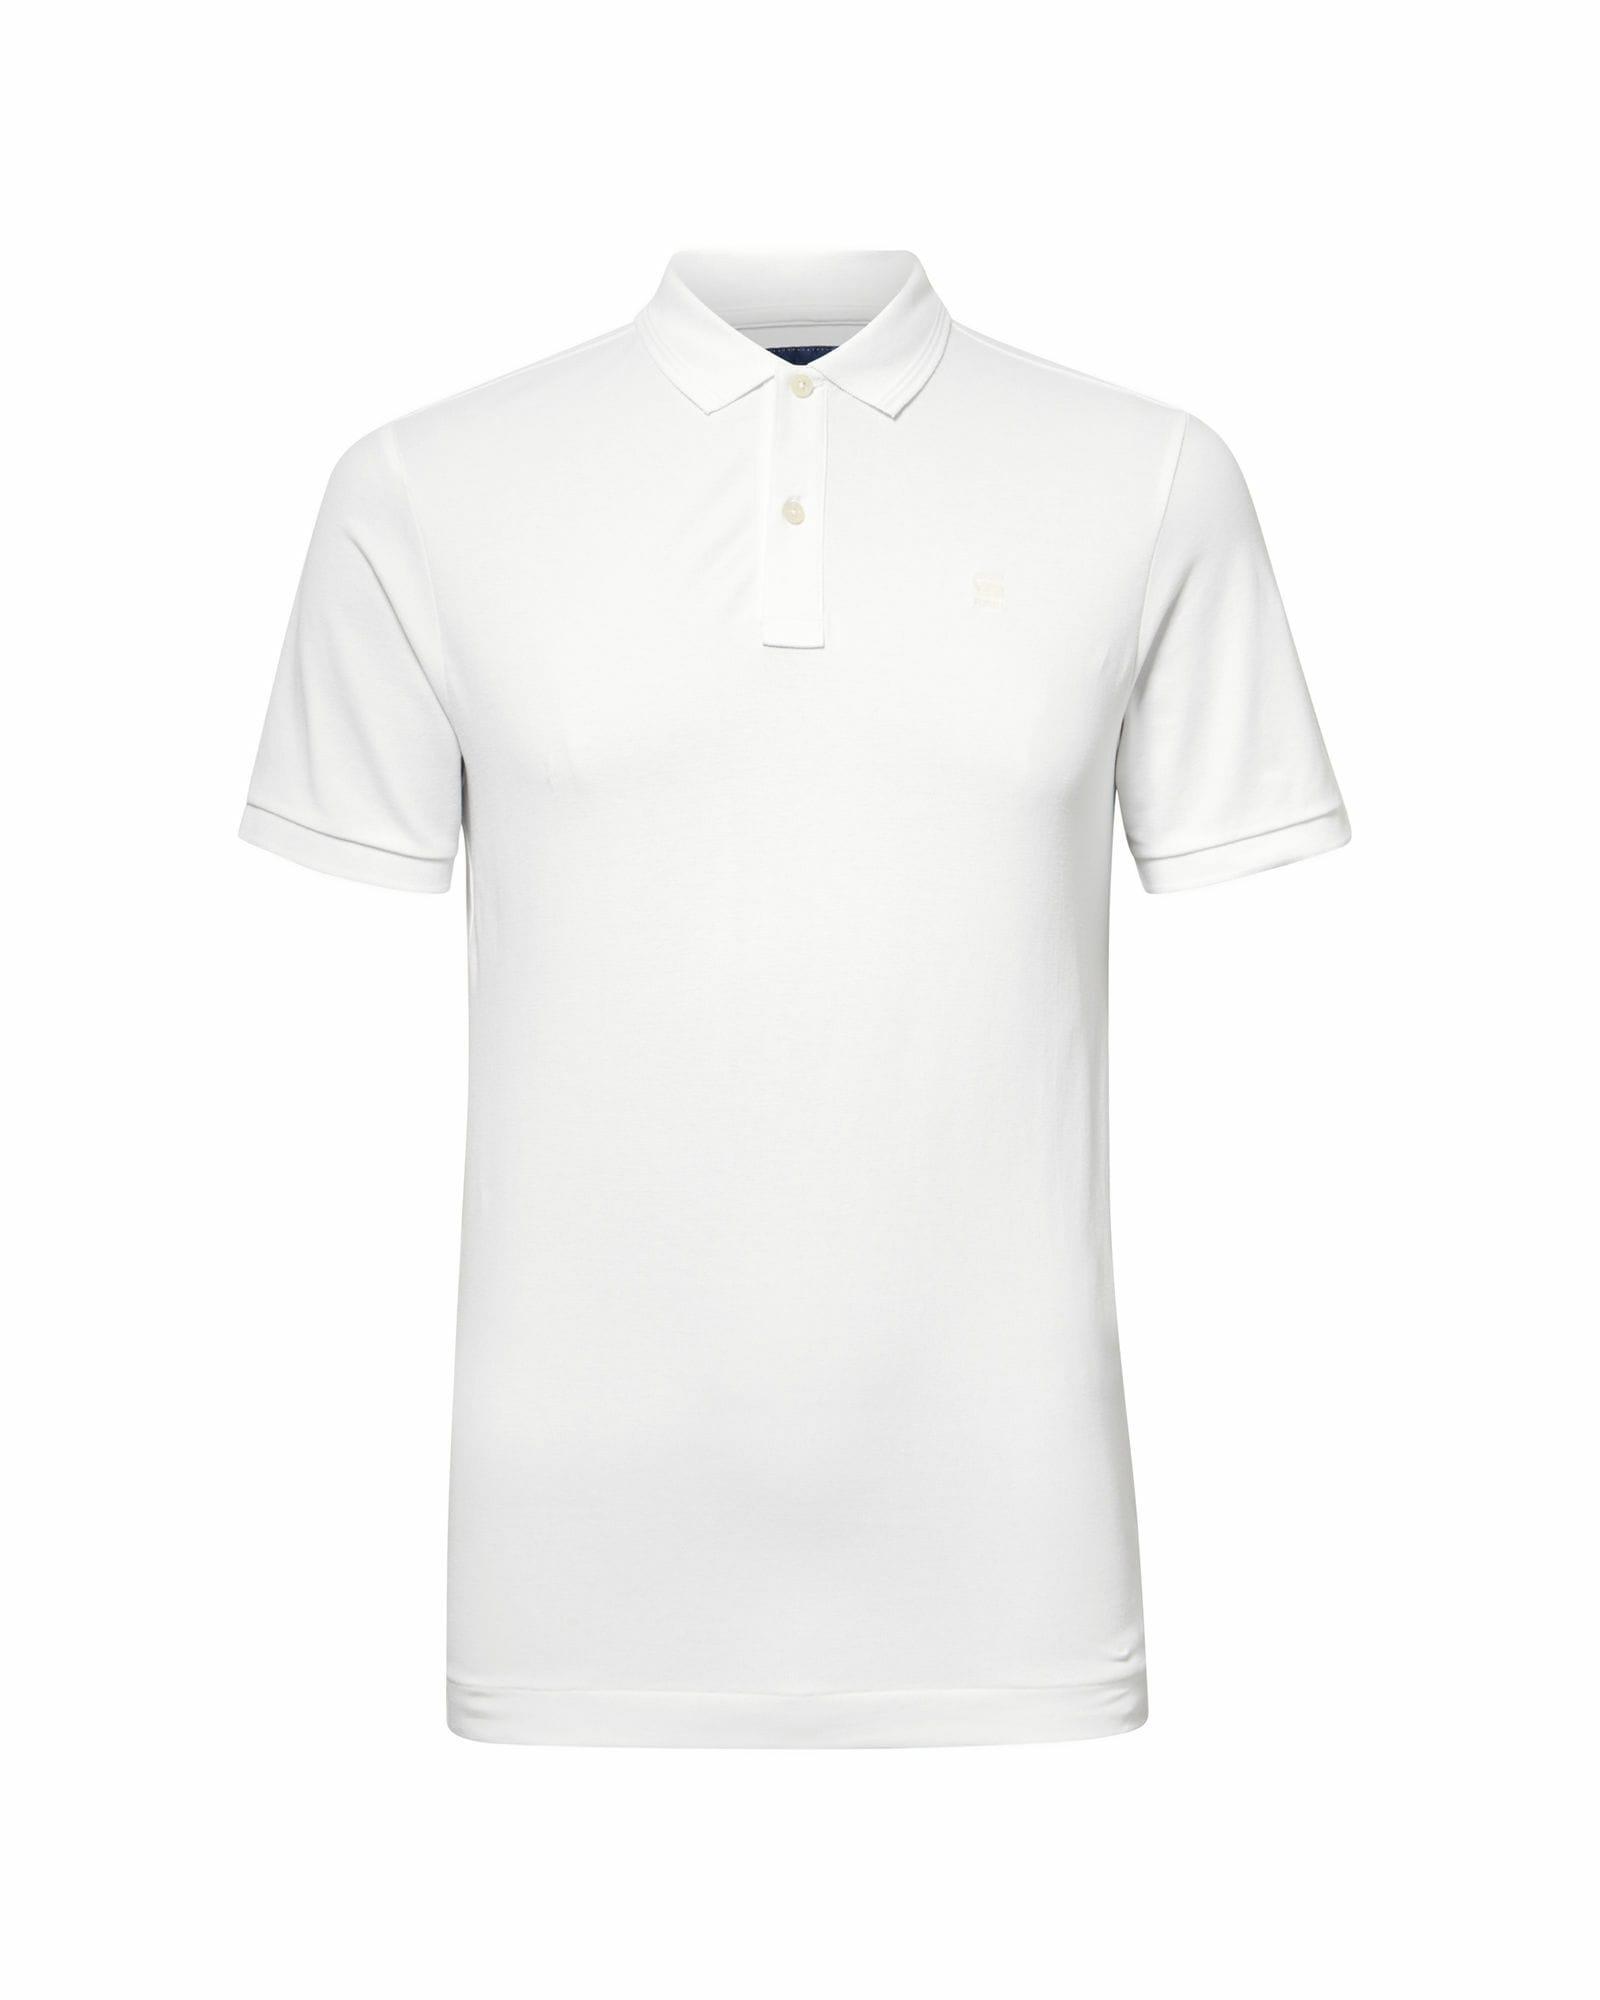 G-Star RAW Marškinėliai 'Dunda' balta